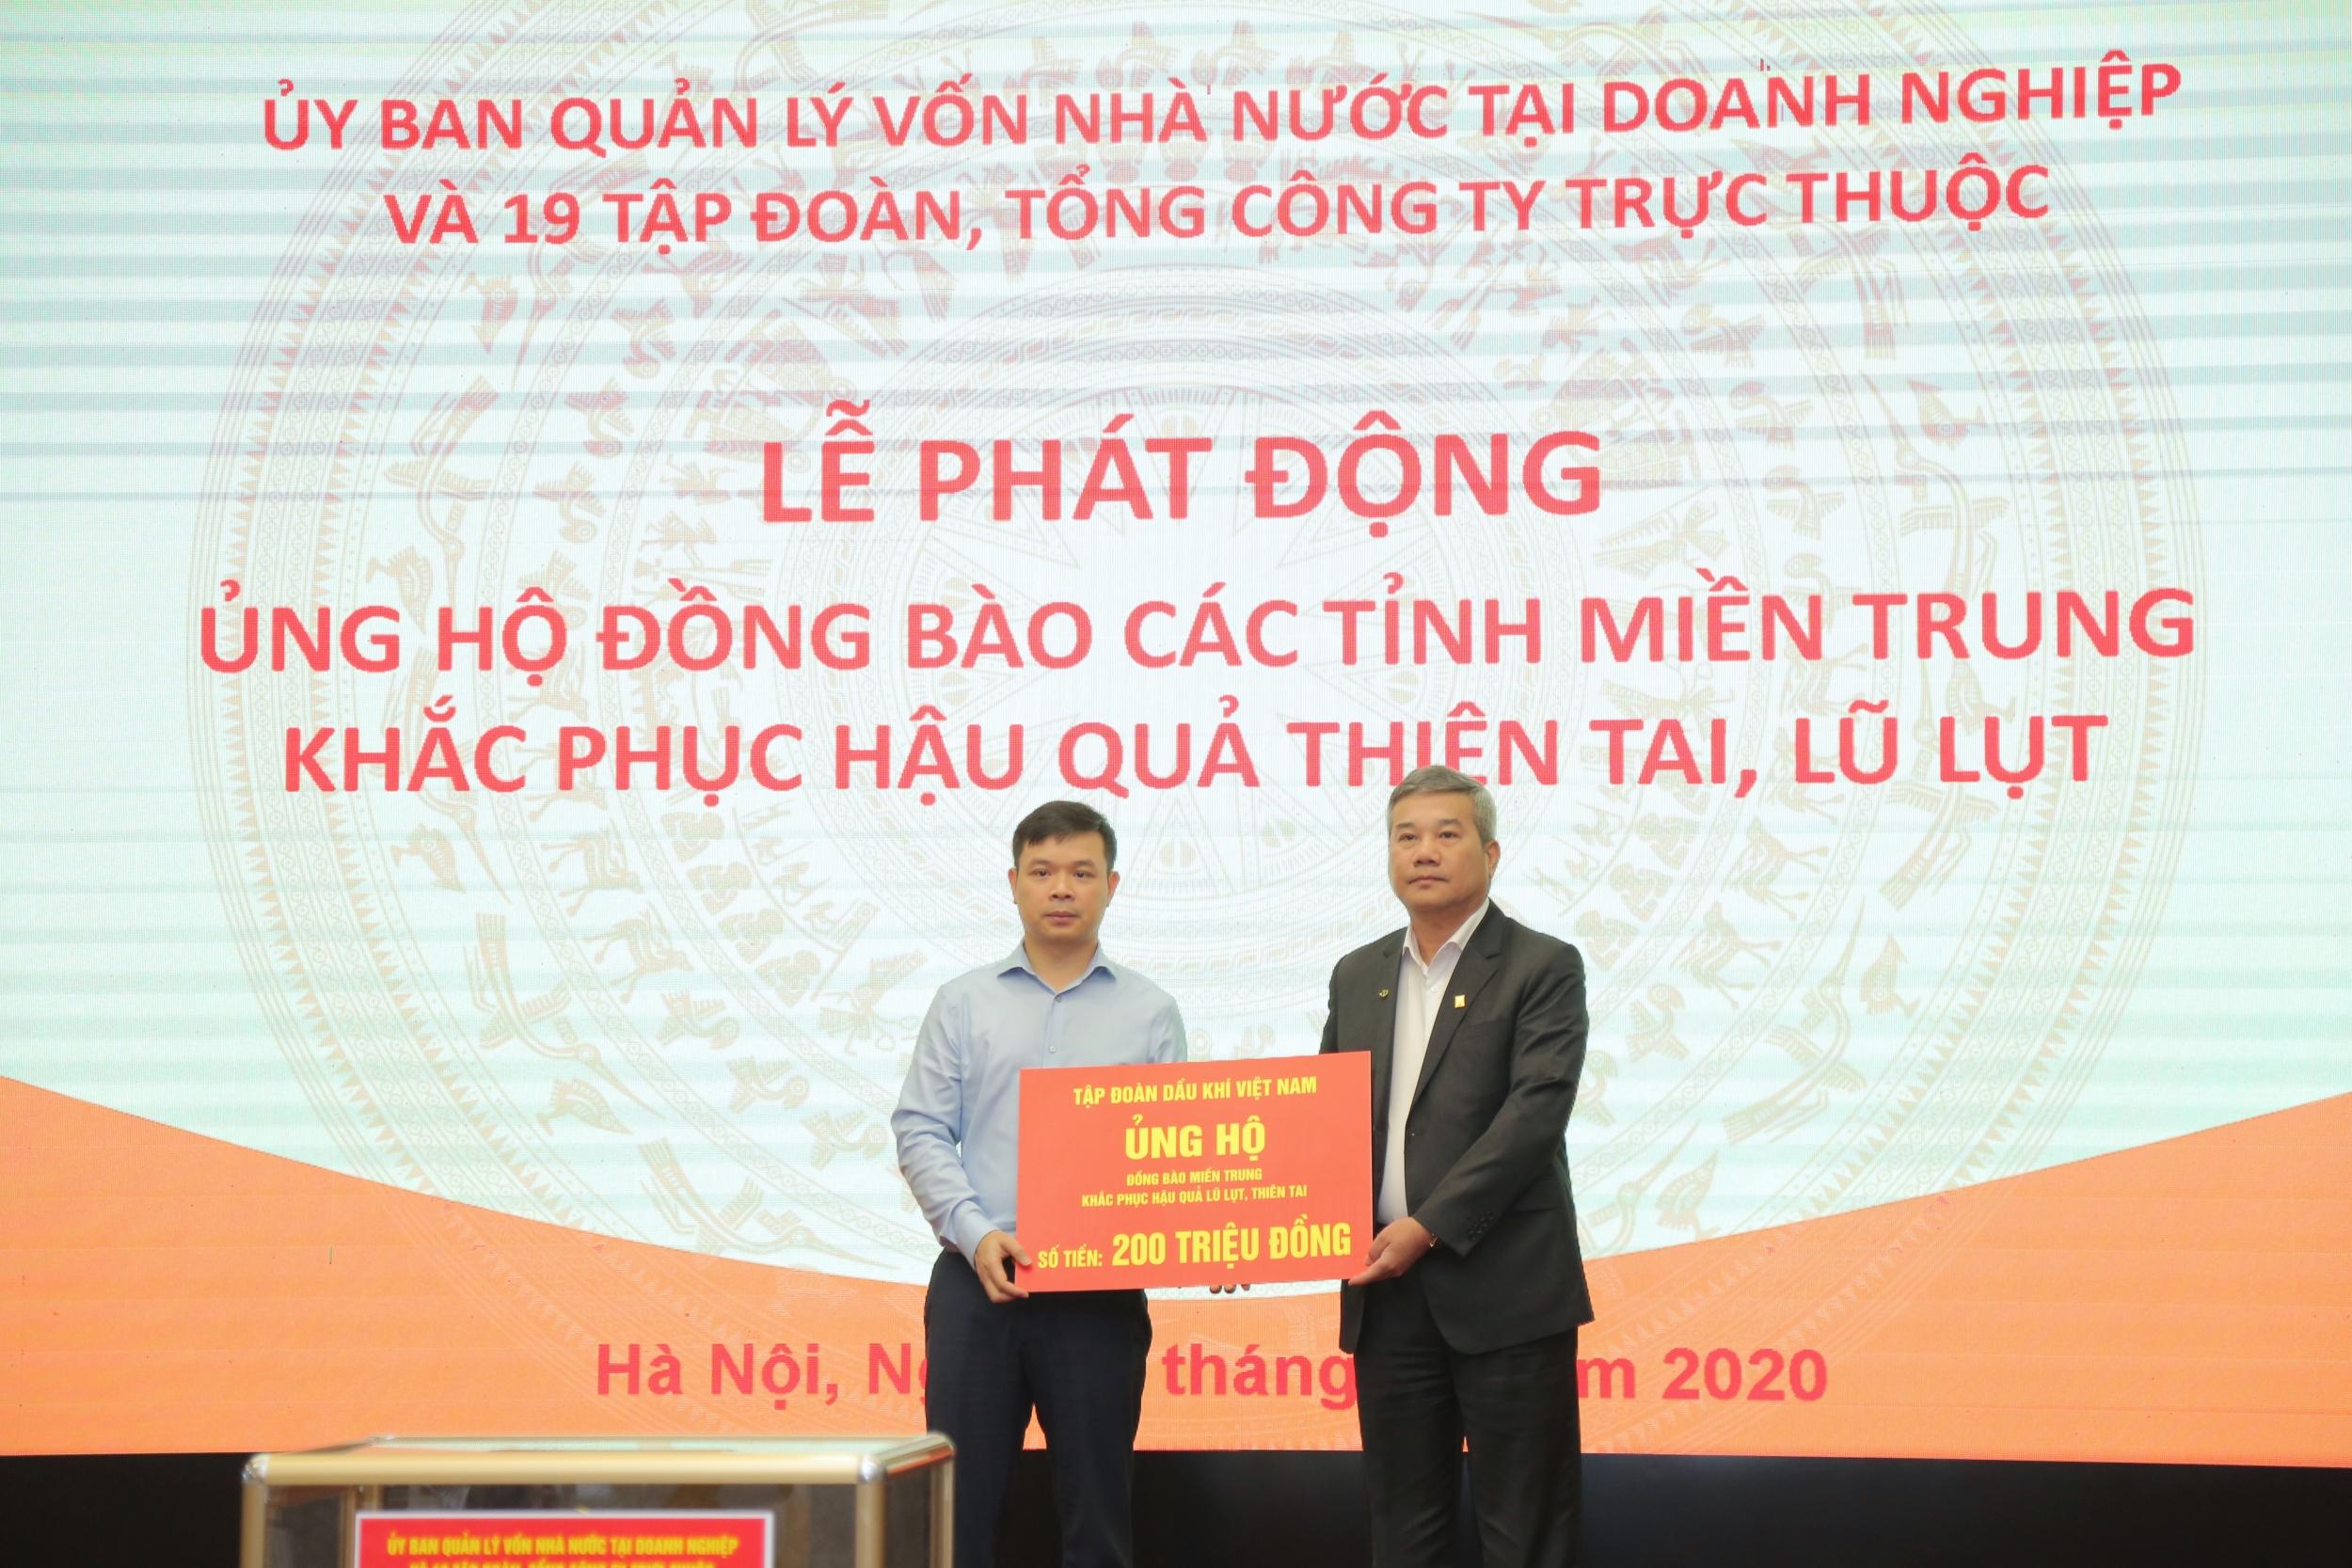 Petrovietnam ủng hộ hơn 10 tỷ đồng hỗ trợ đồng bào miền Trung